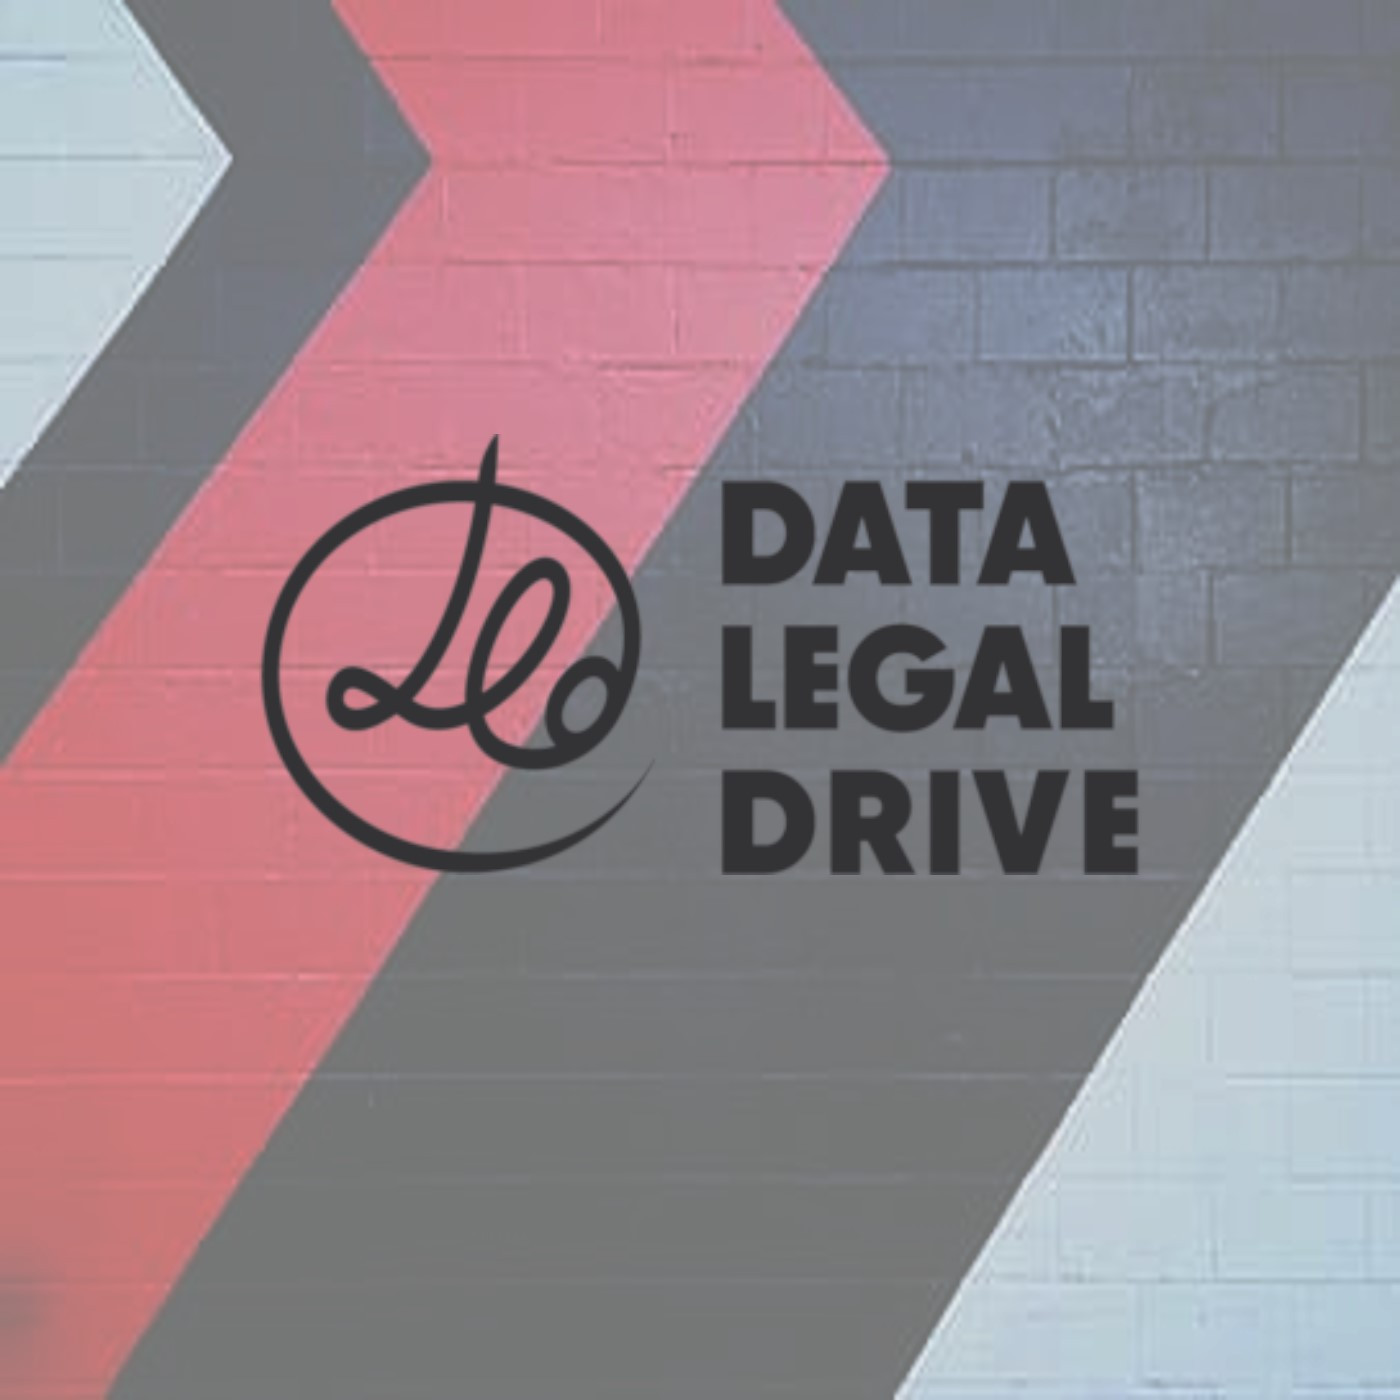 Entretien avec Sylvain Staub : CEO et fondateur @Data Legal Drive